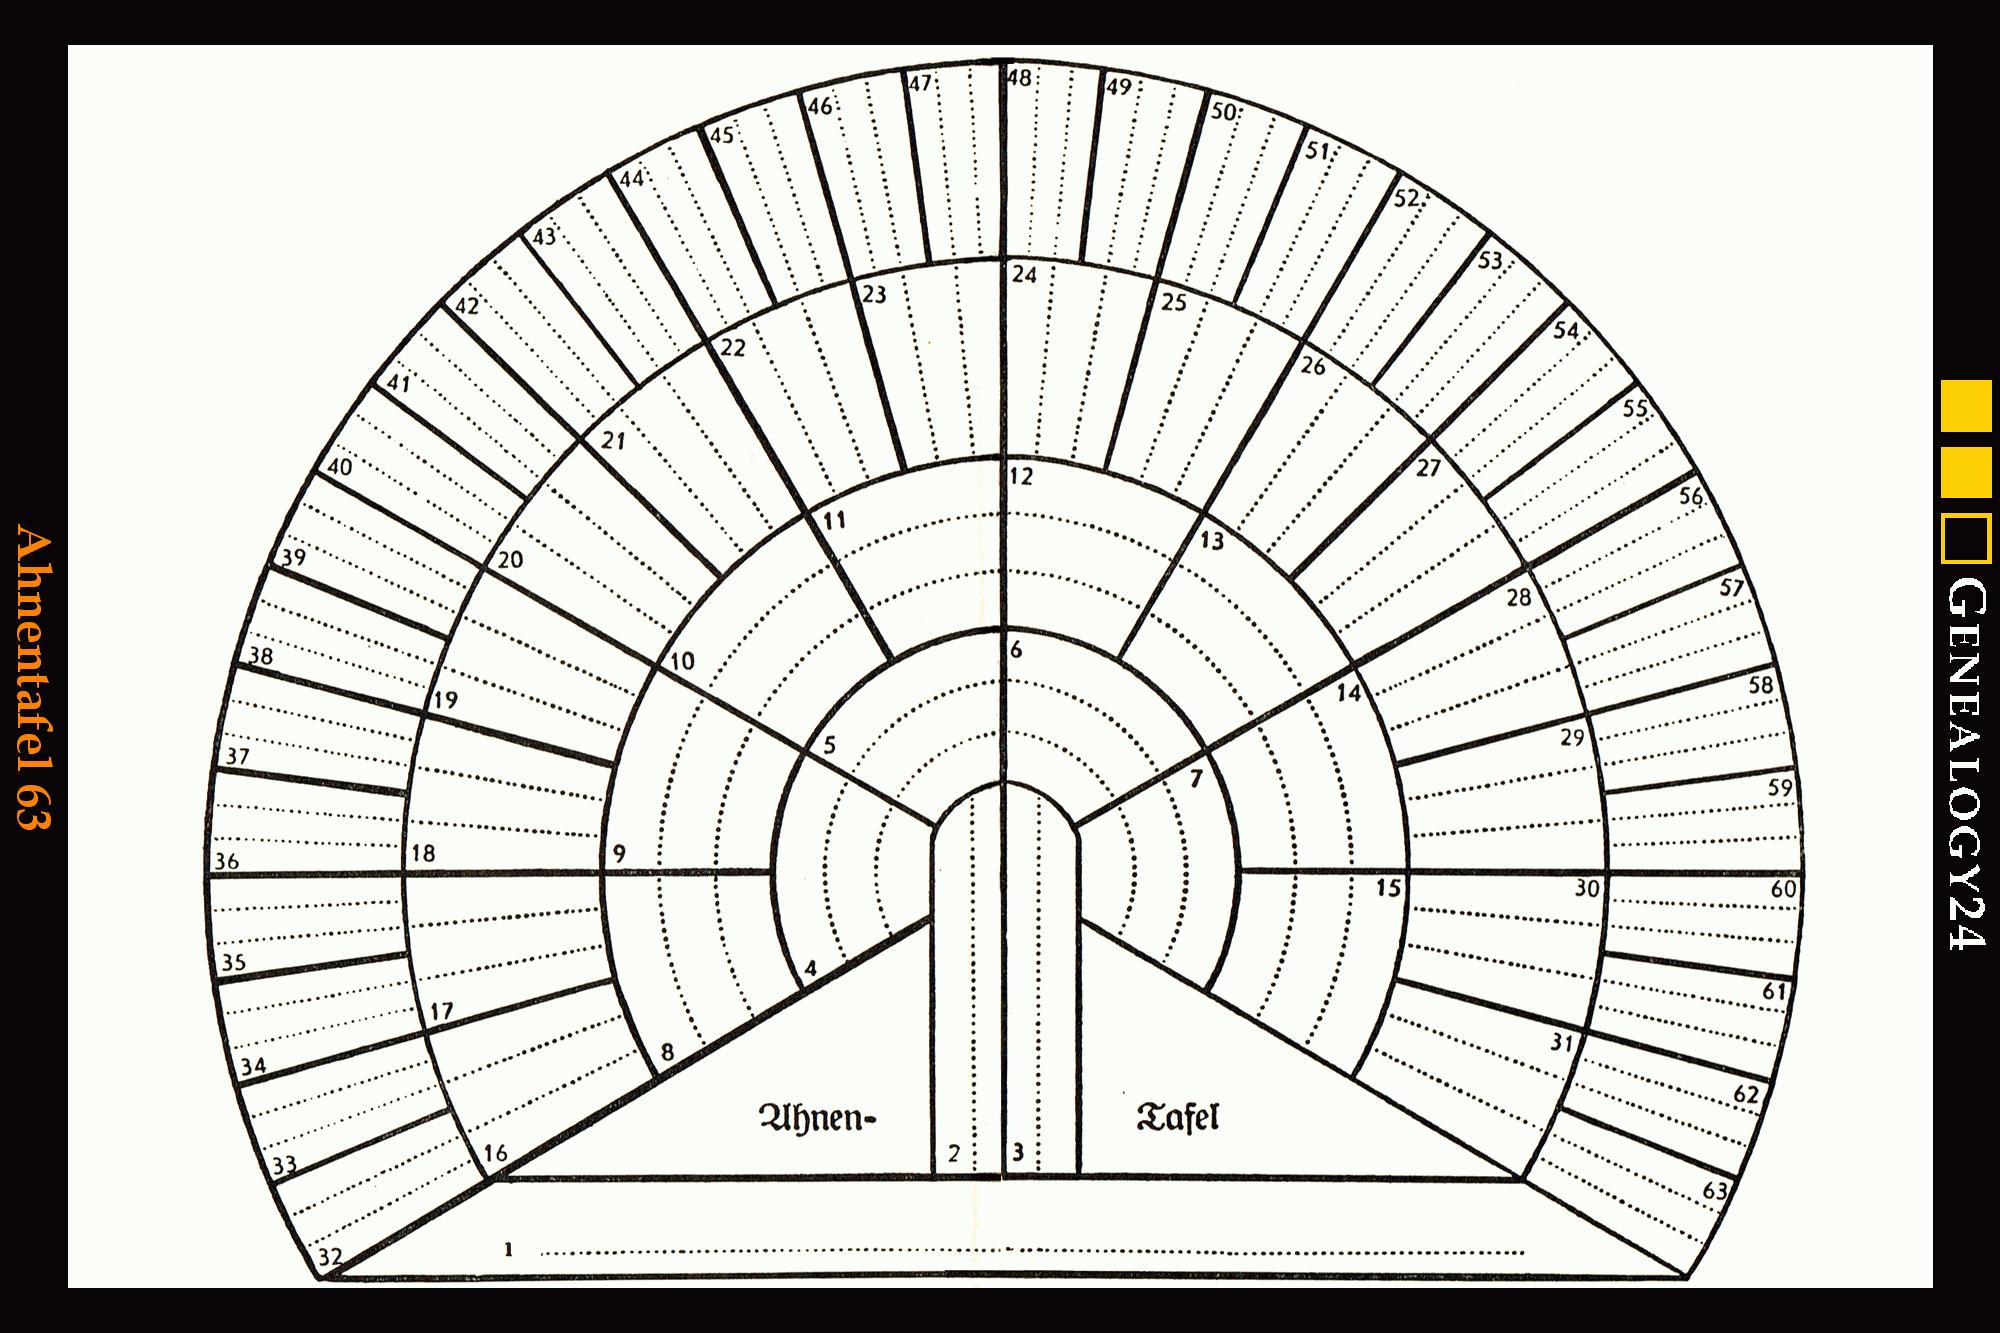 Schlichte Ahnentafel 63 Als Hilfreiche Vorlage Fur Ahnenforschung Und Genealogie Die Druckvariante Ist Im Format Pdf X2f Ahnenforschung Genealogie Ahnentafel